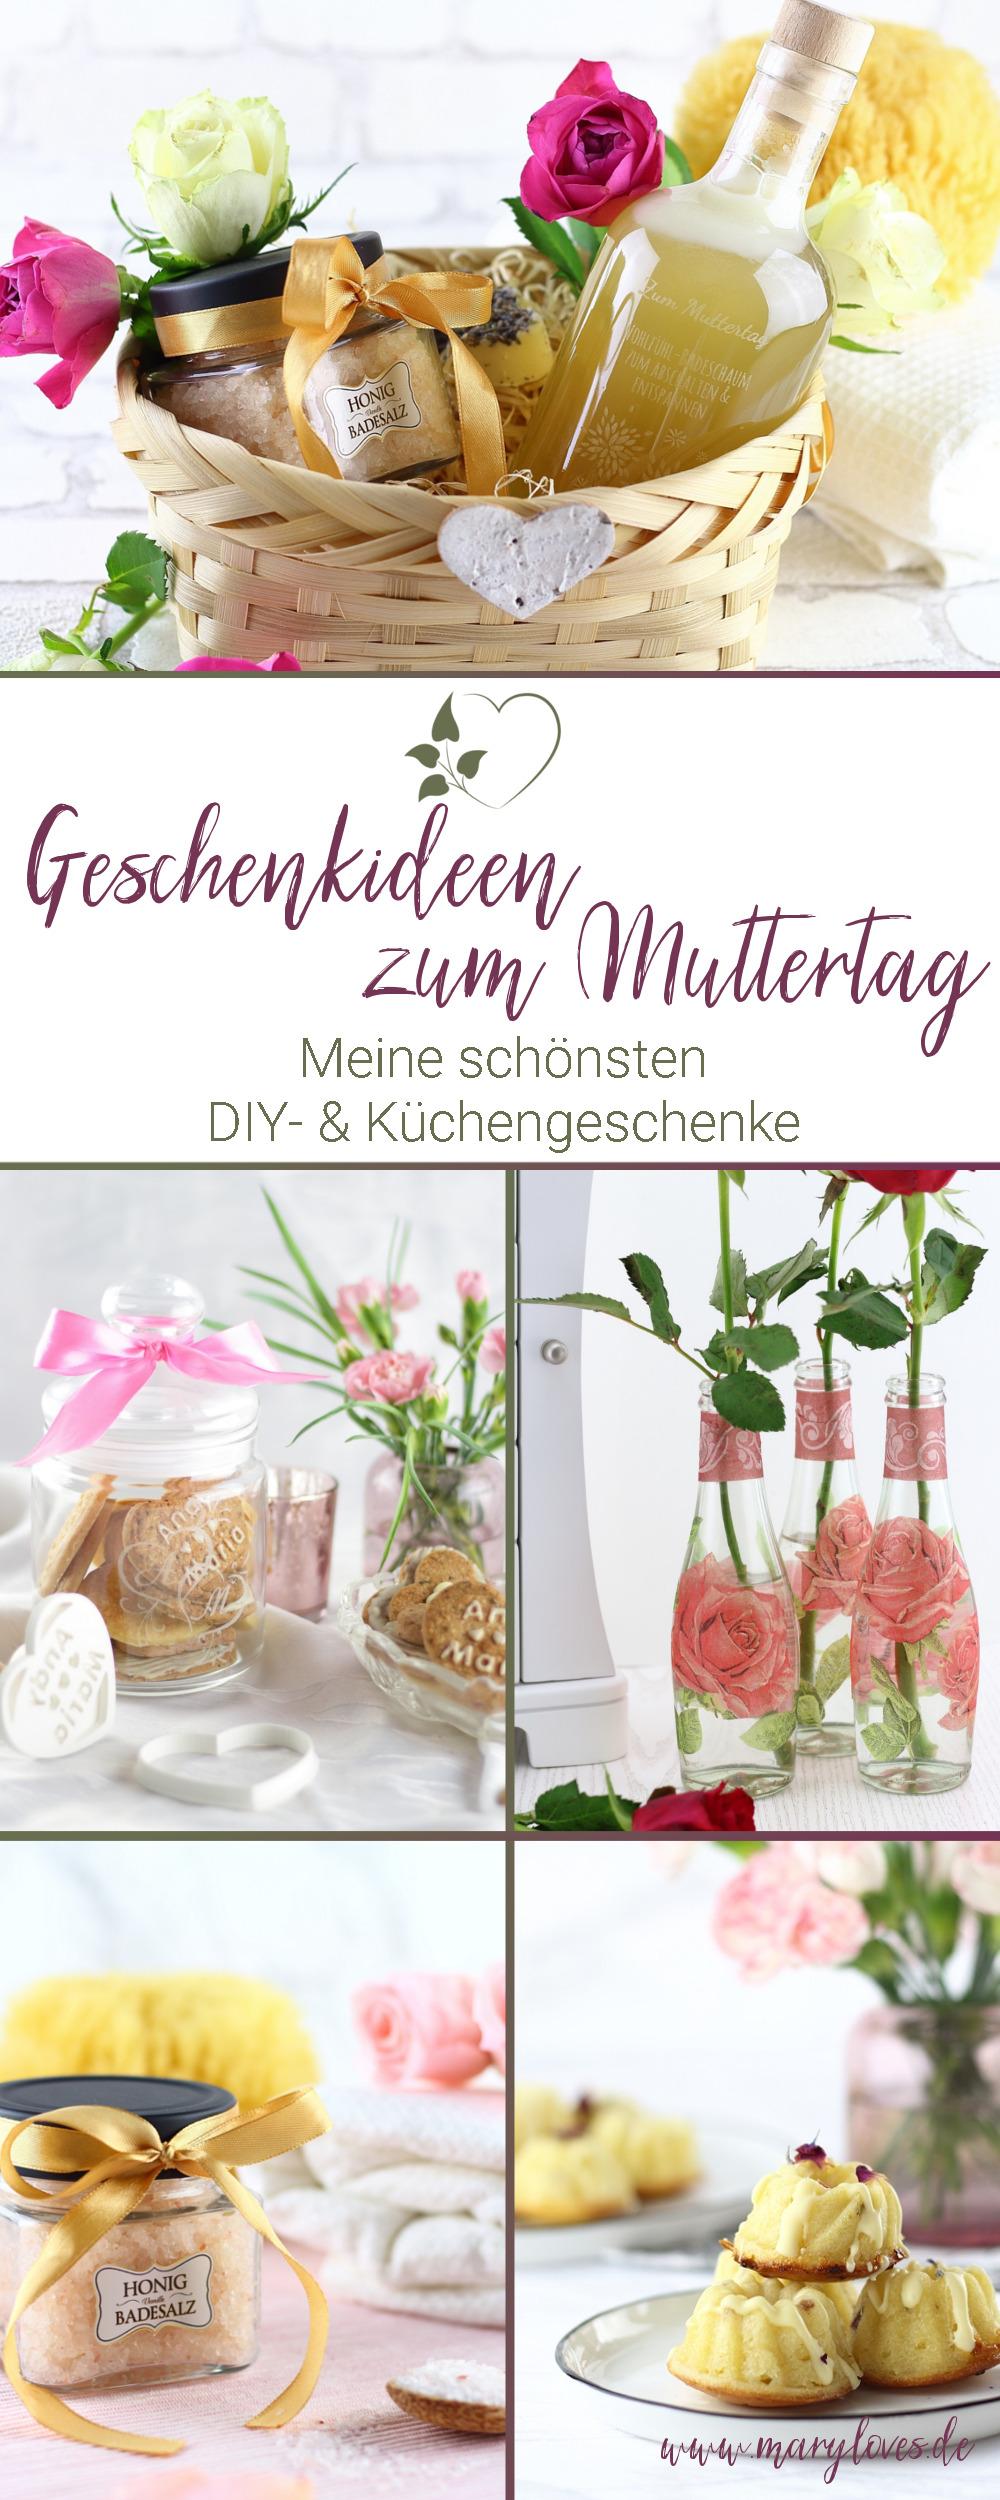 Die schönsten Geschenkideen zum Muttertag - #muttertag #geschenk #geschenkidee #muttertagsgeschenk #diygeschenk #küchengeschenk